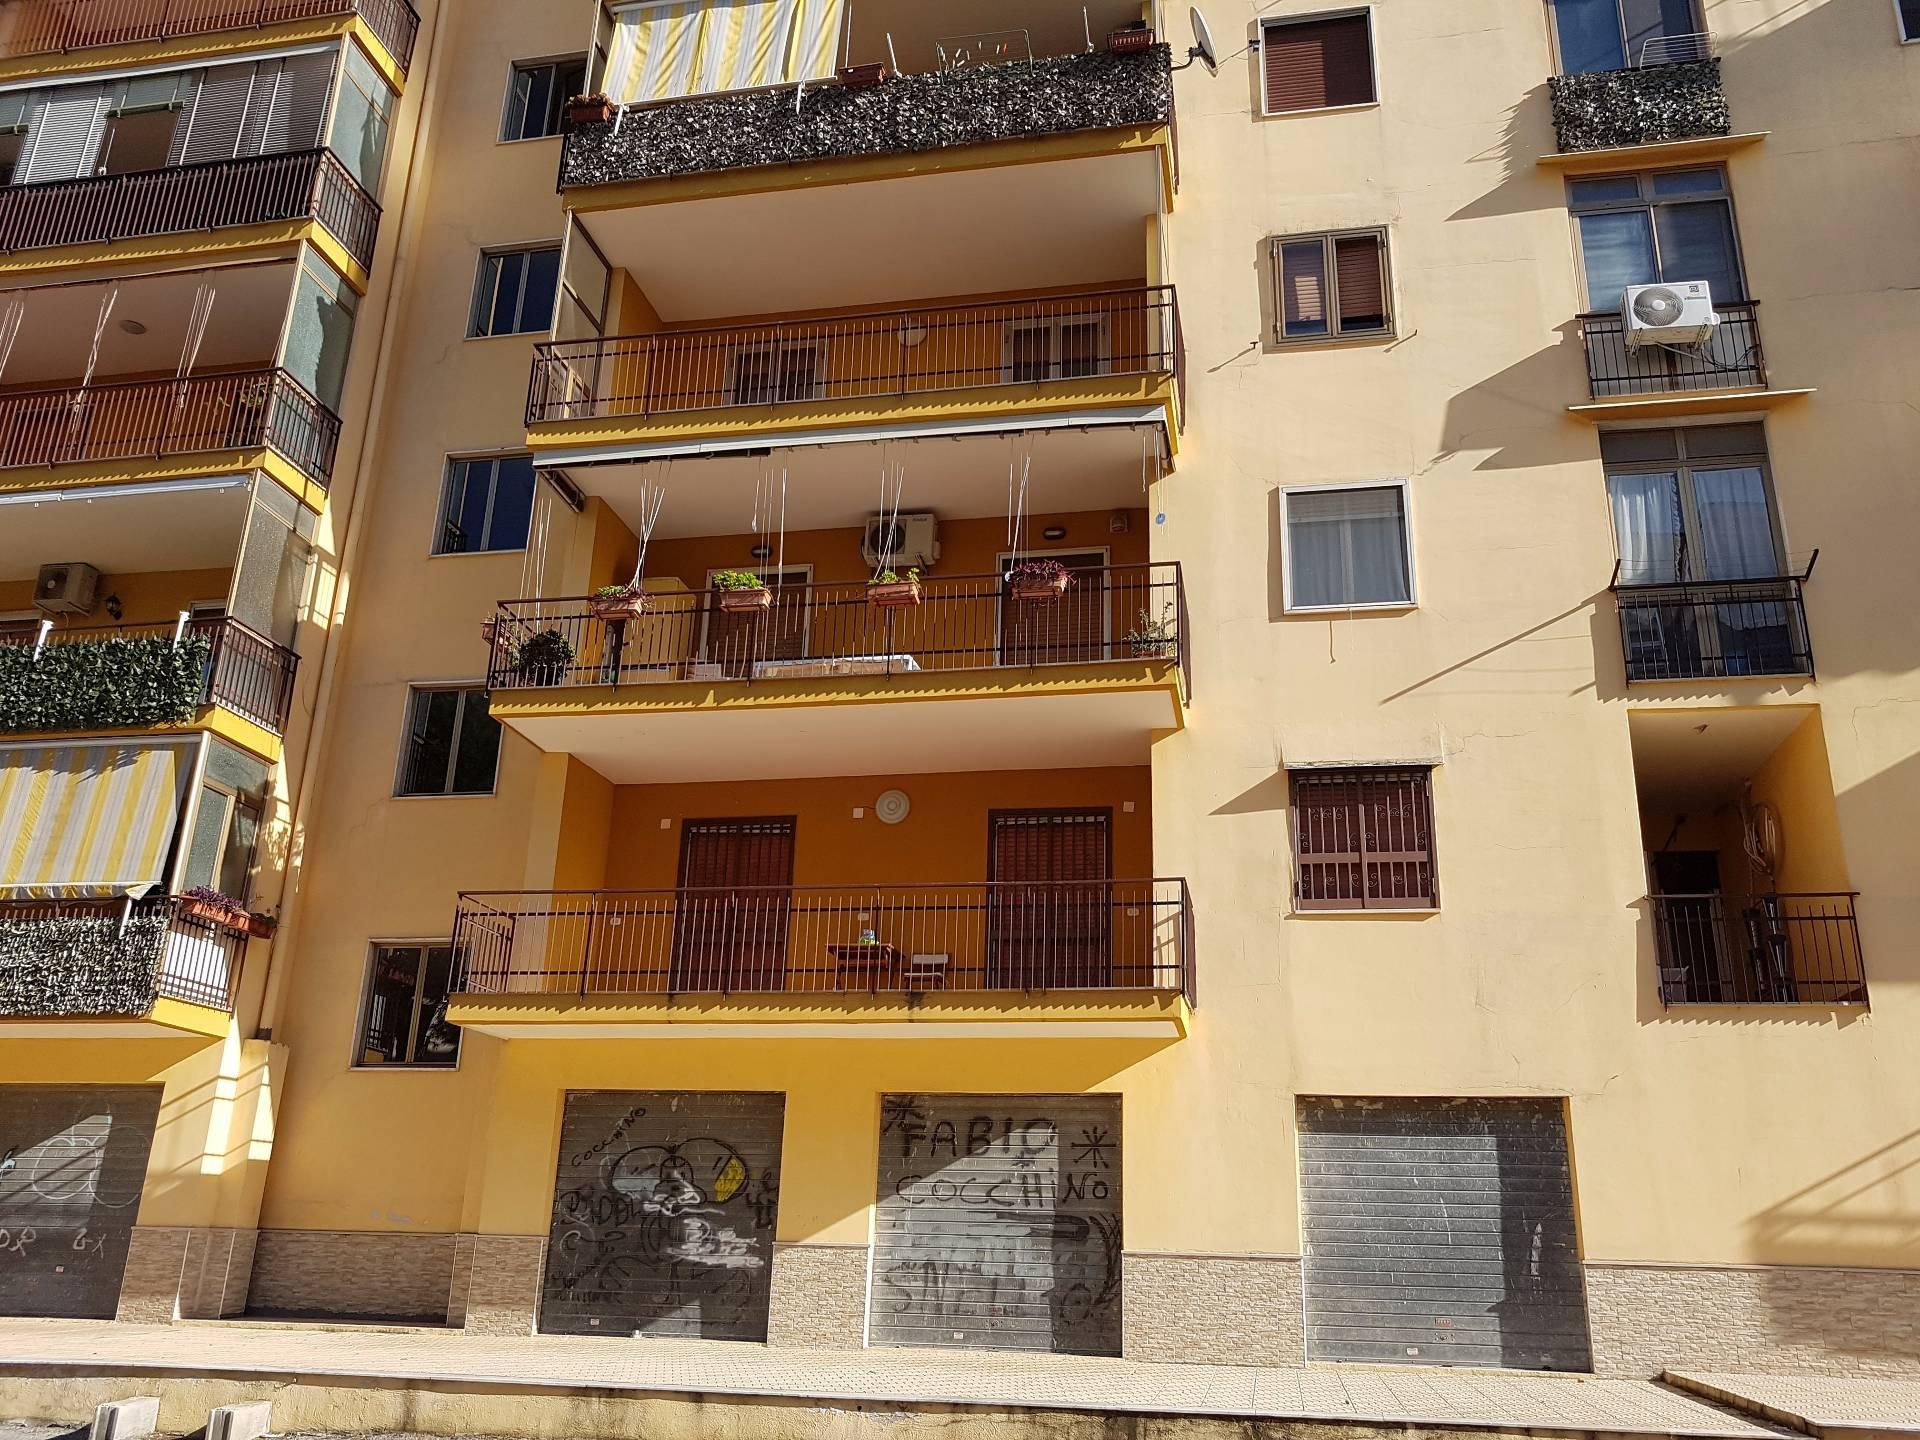 Appartamento in vendita a Brusciano, 4 locali, prezzo € 145.000 | CambioCasa.it